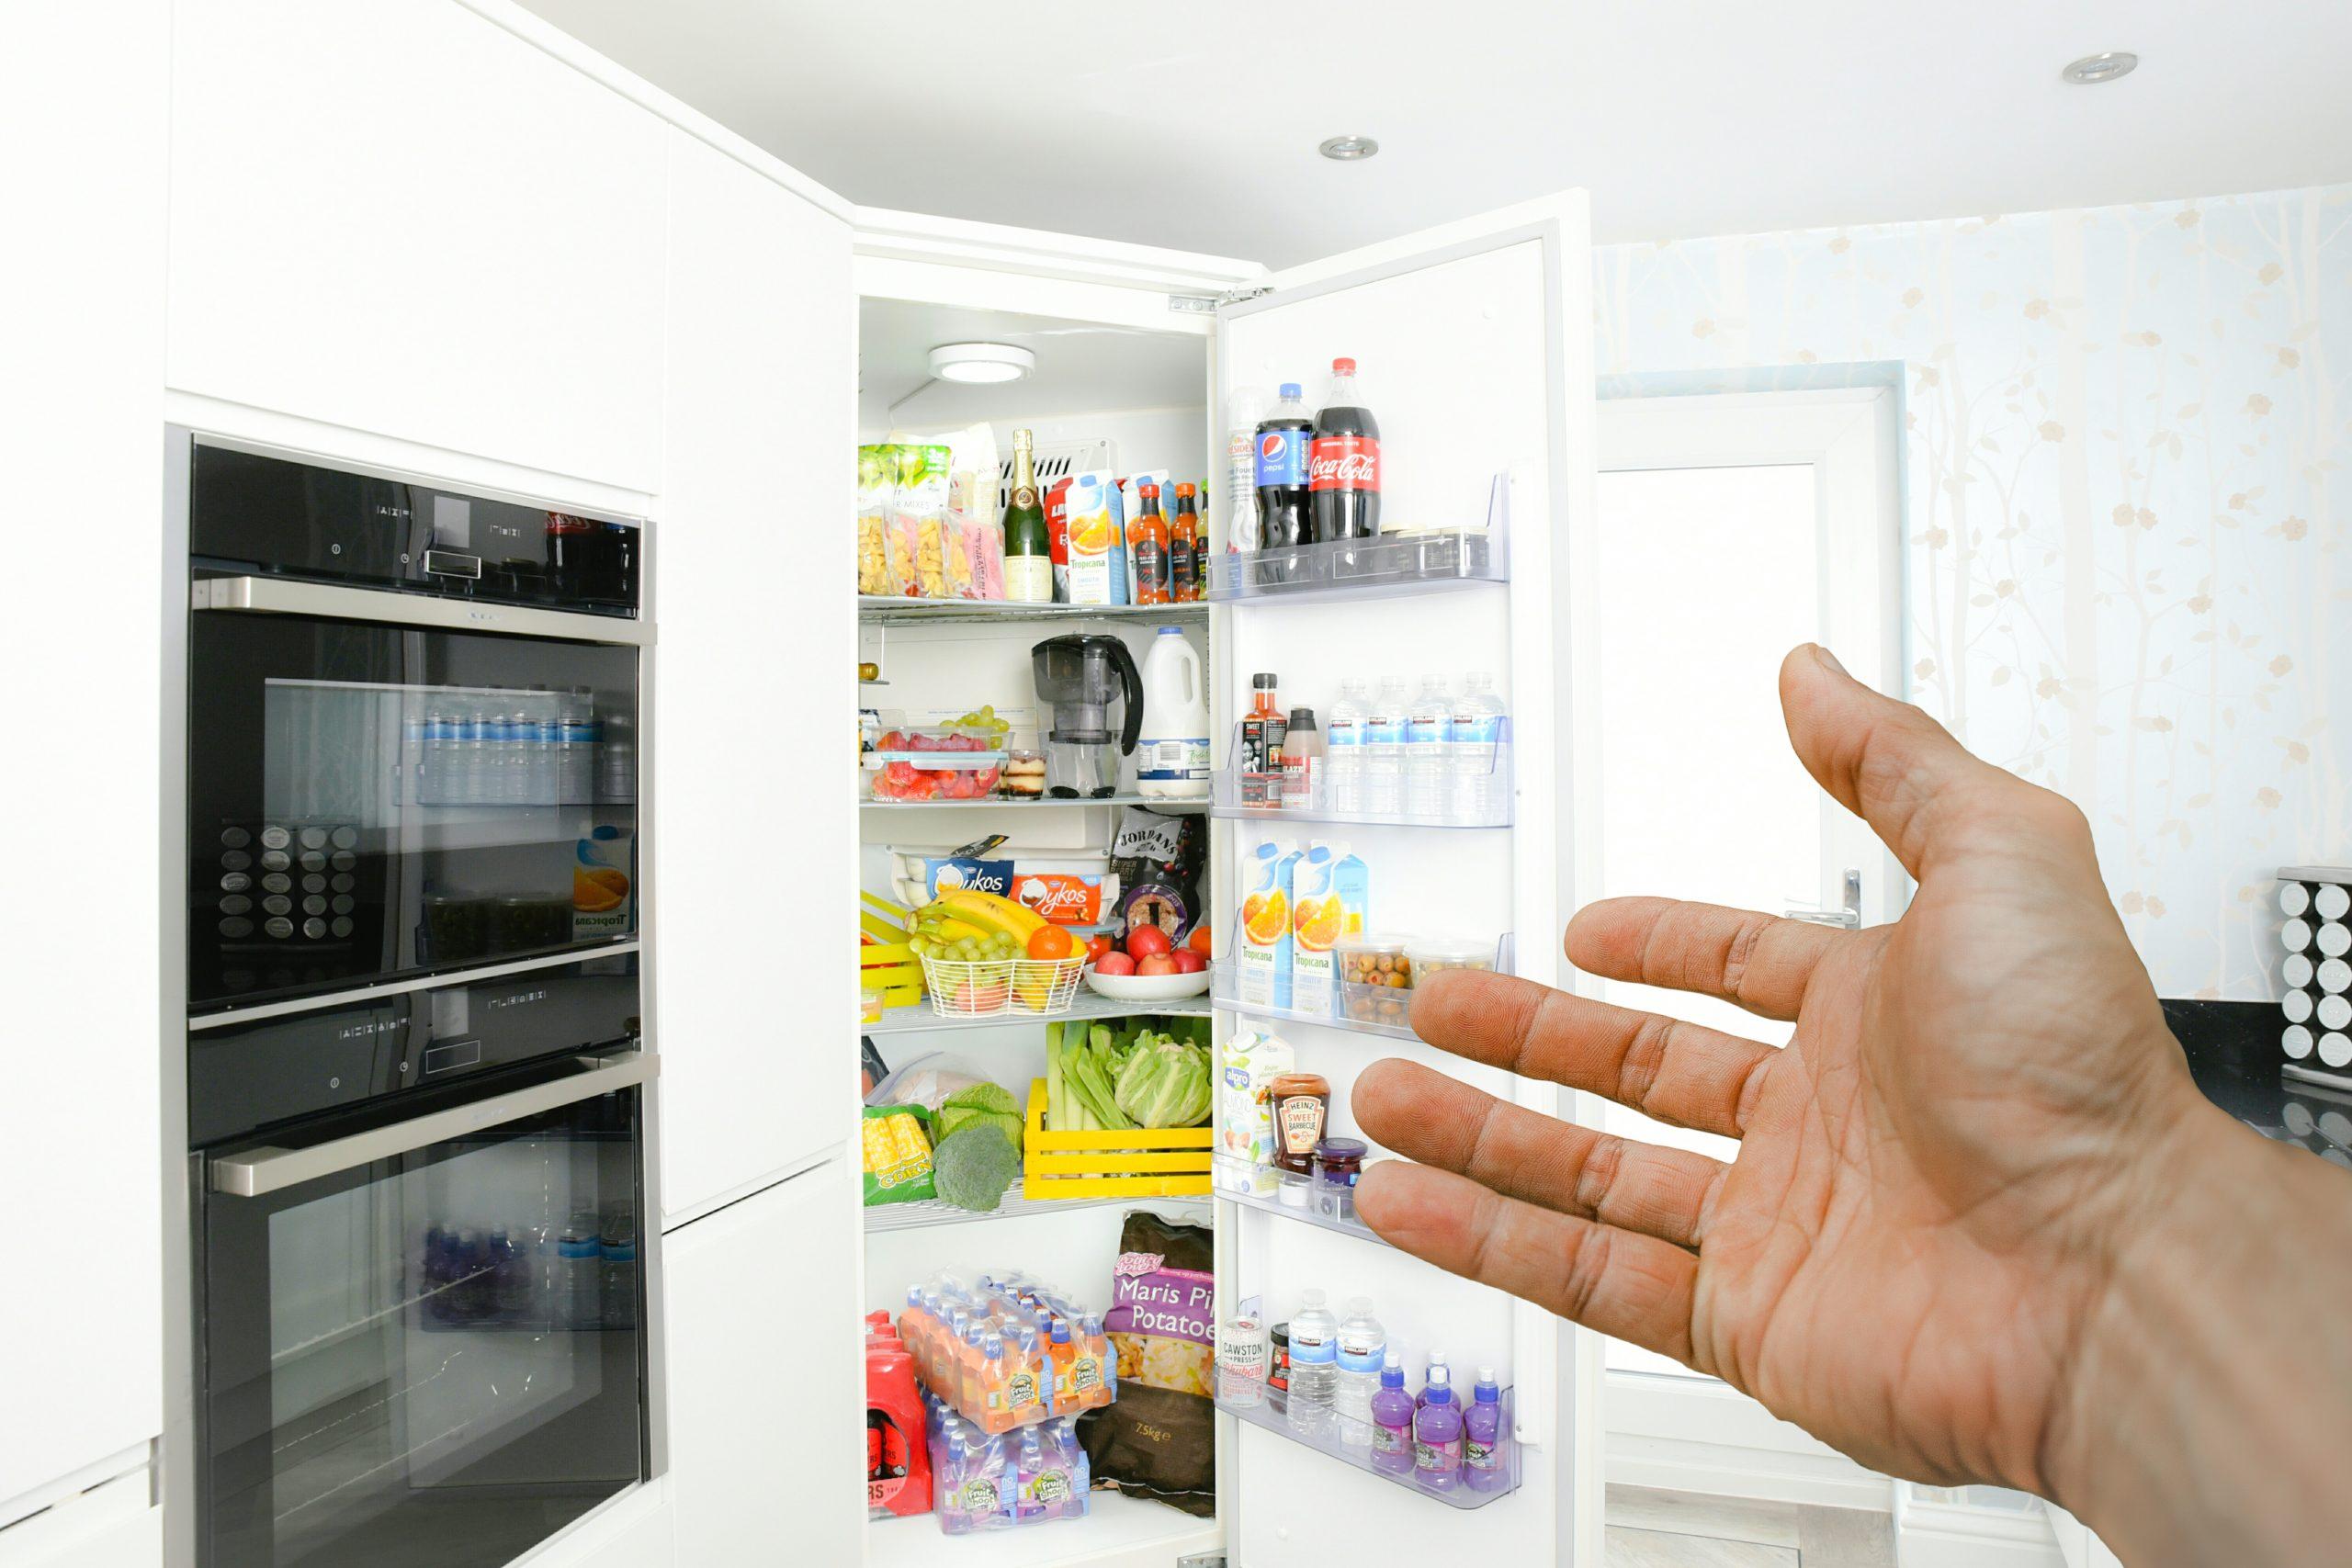 Советы по эксплуатации и ремонту холодильника